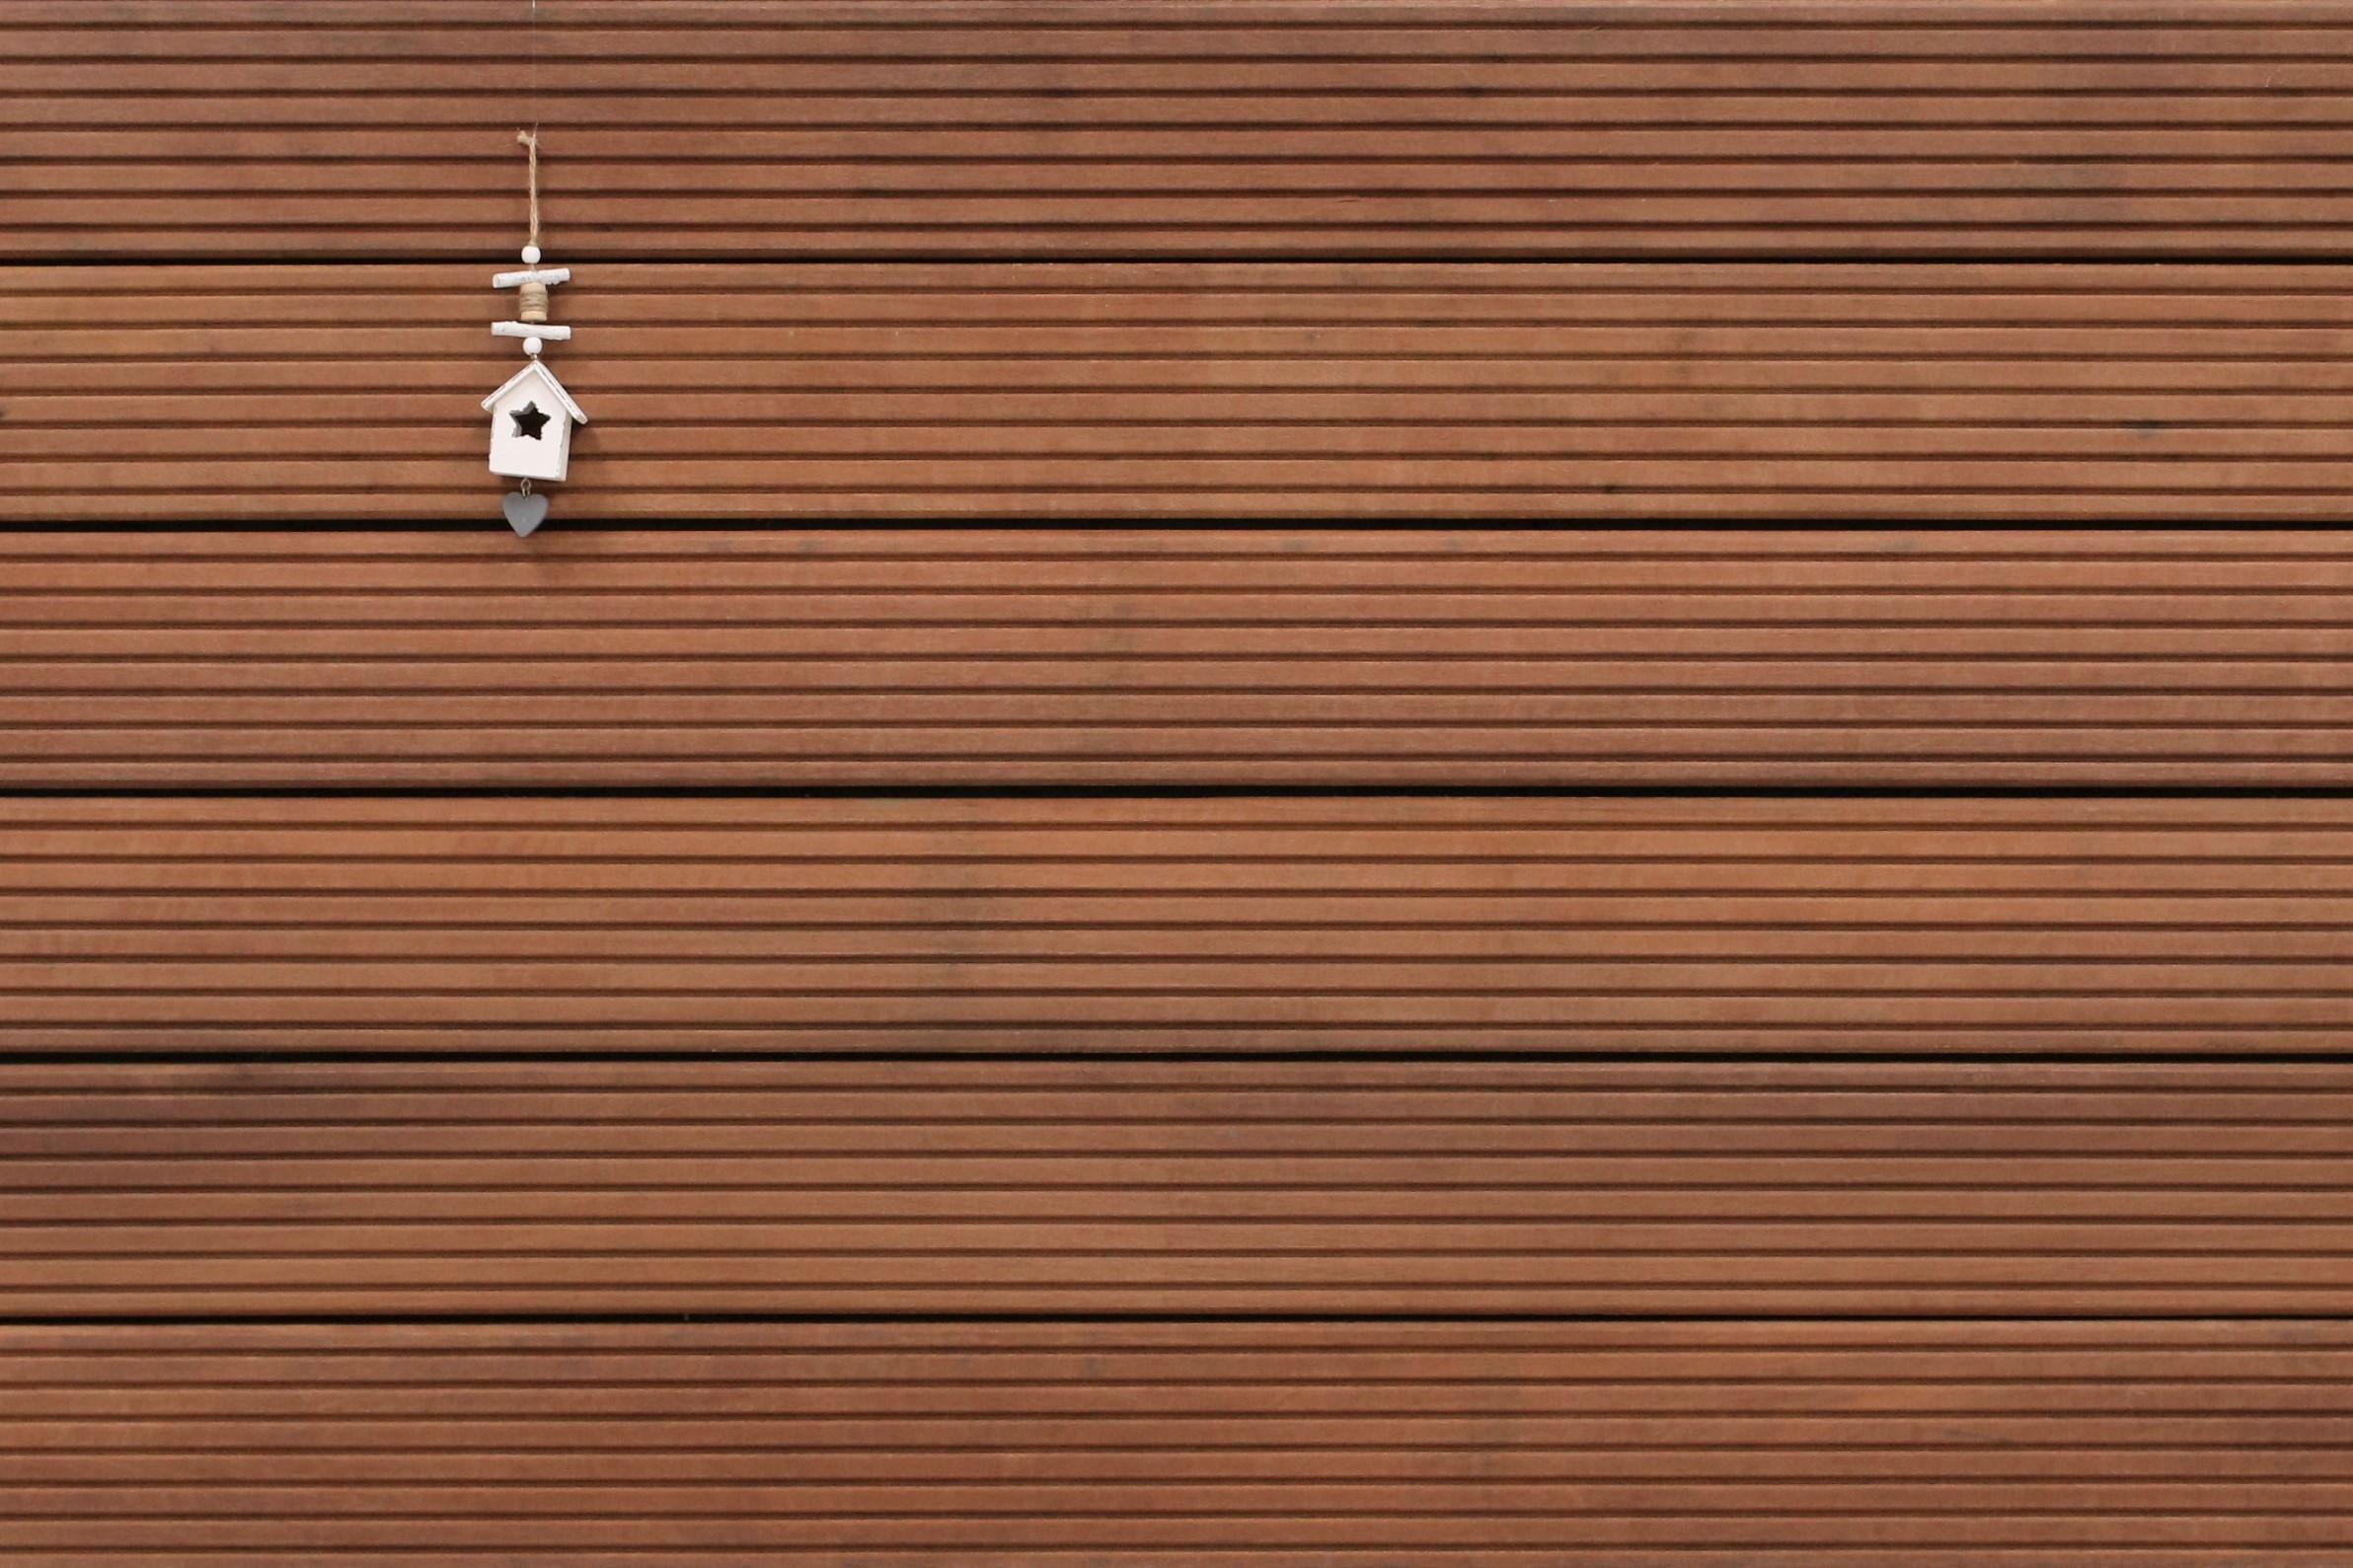 Massaranduba Holz Dielen für die Terrasse, 9,95 €/lfm, Premium (KD) grob genutet, 25 x 145 bis 5490 mm, Terrassendielen Bretter